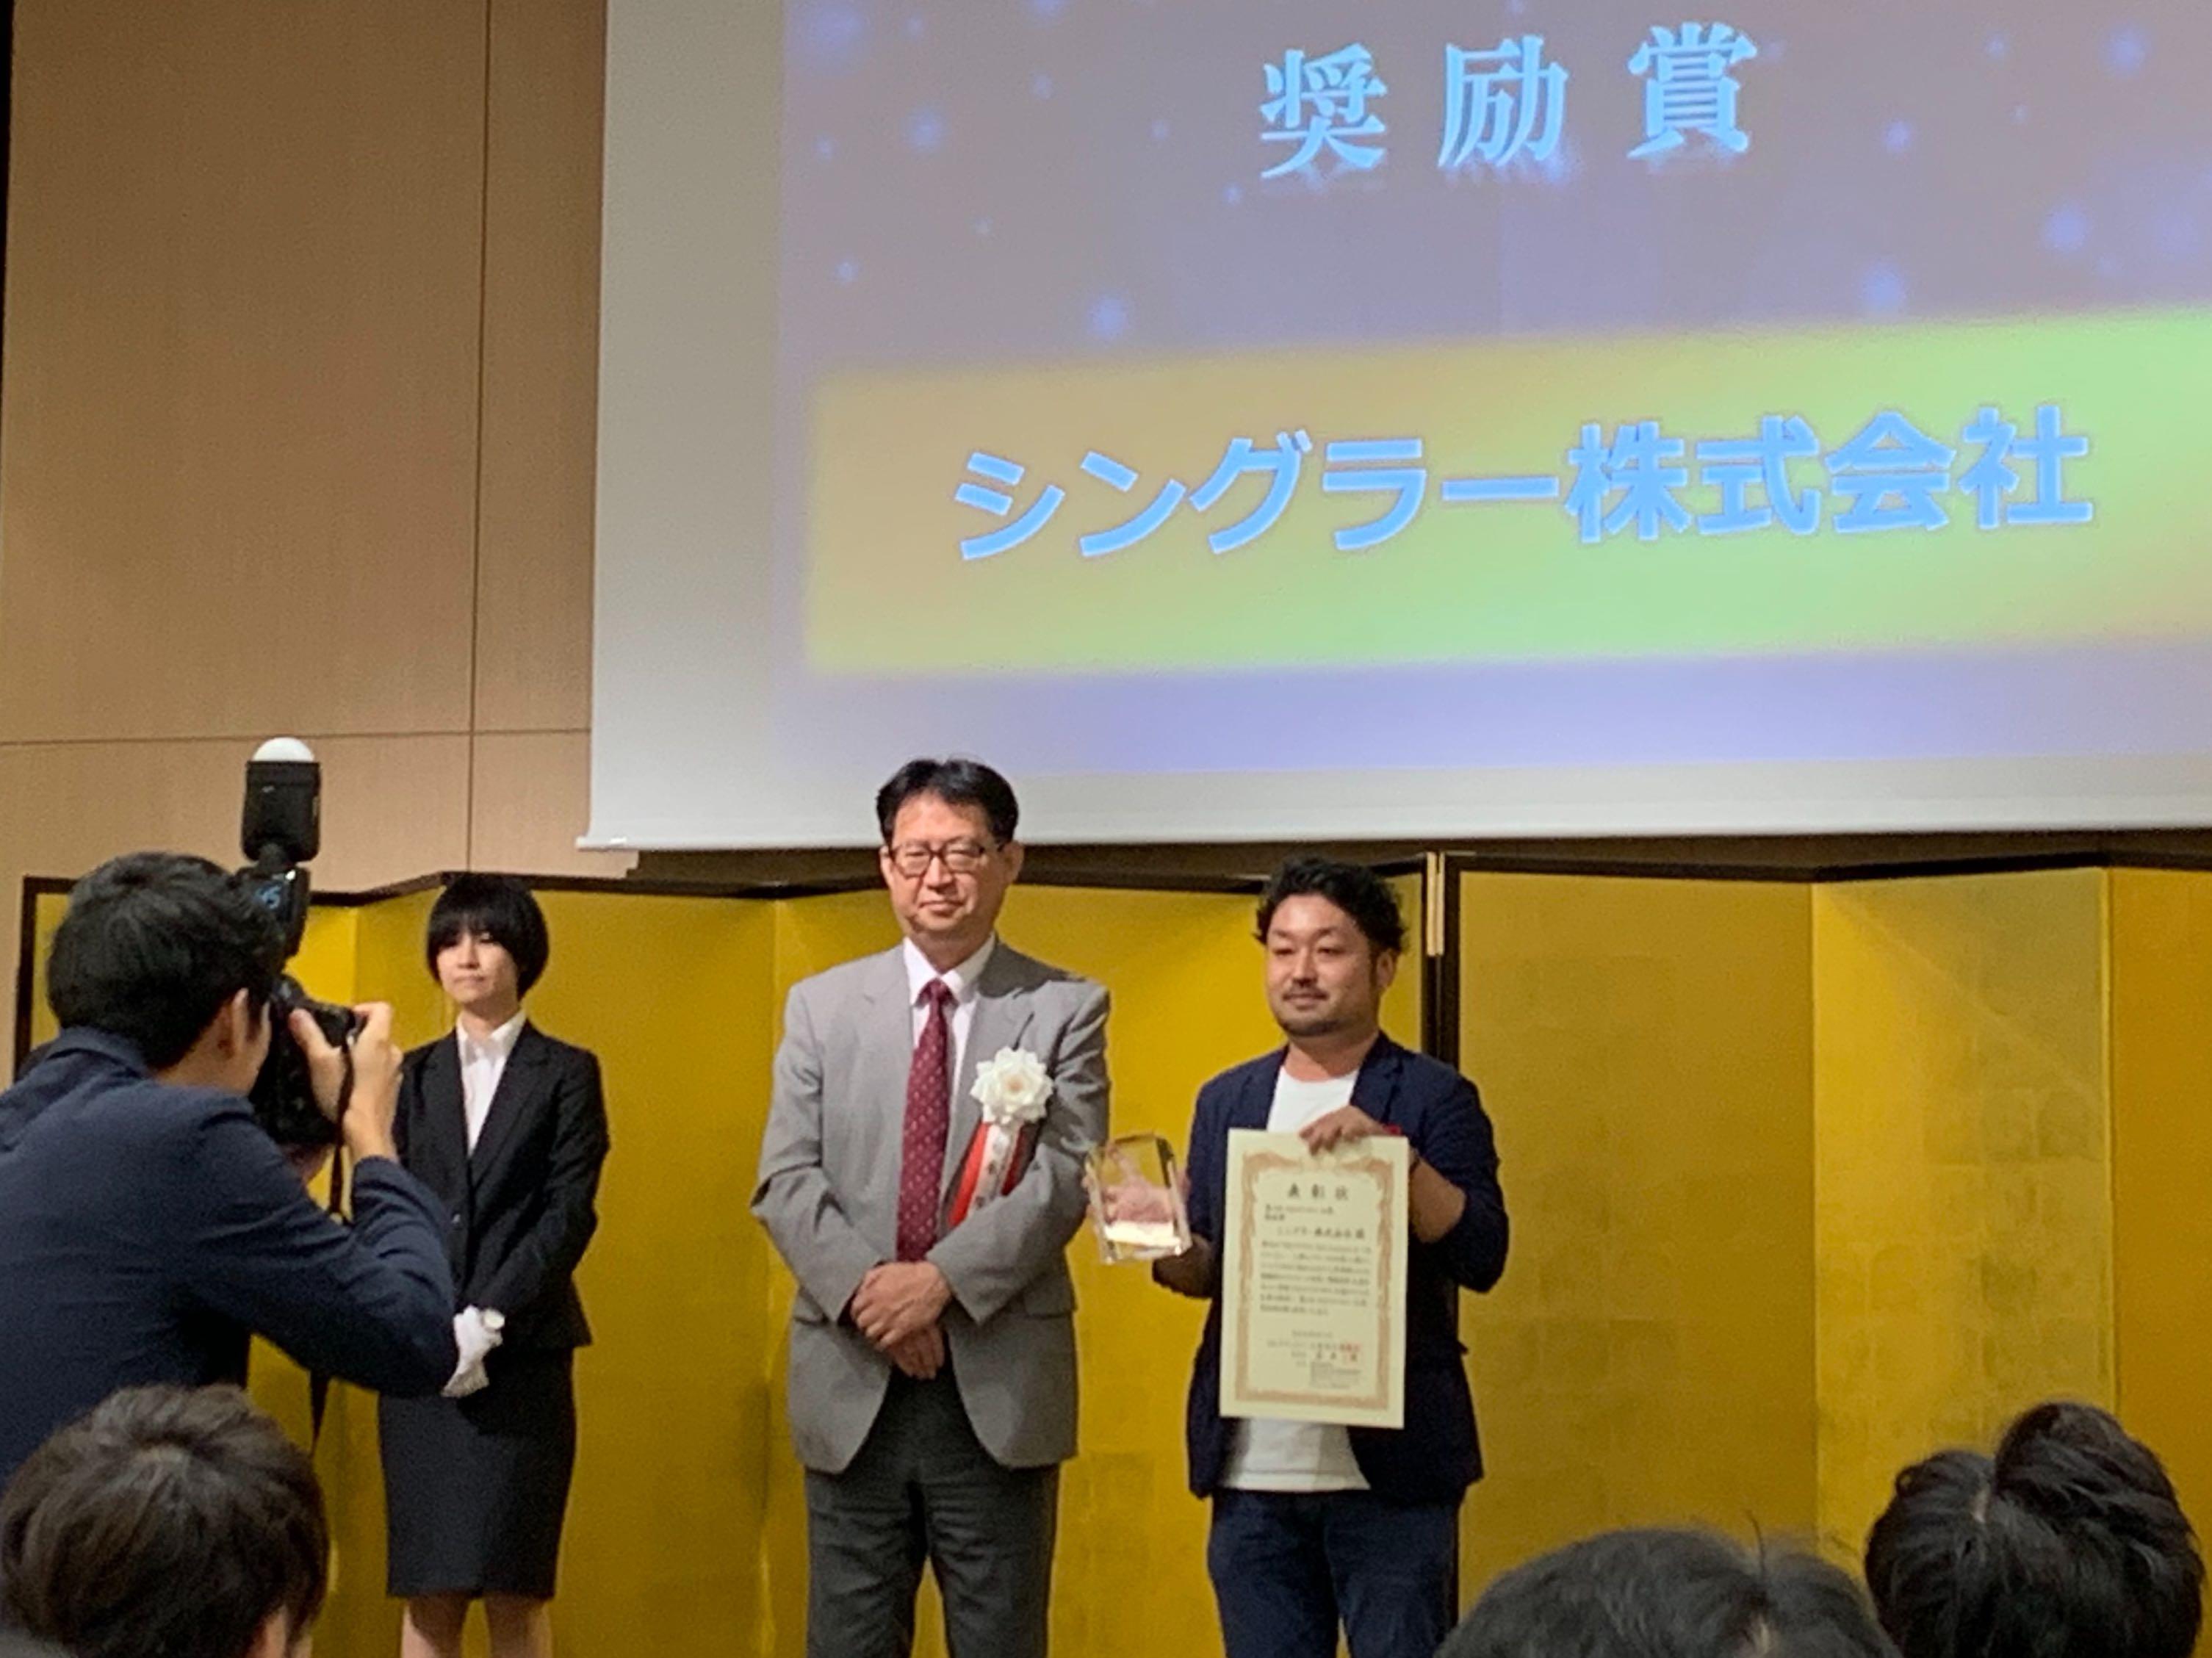 代表の熊谷が「HRサミット2019」にて登壇いたしました